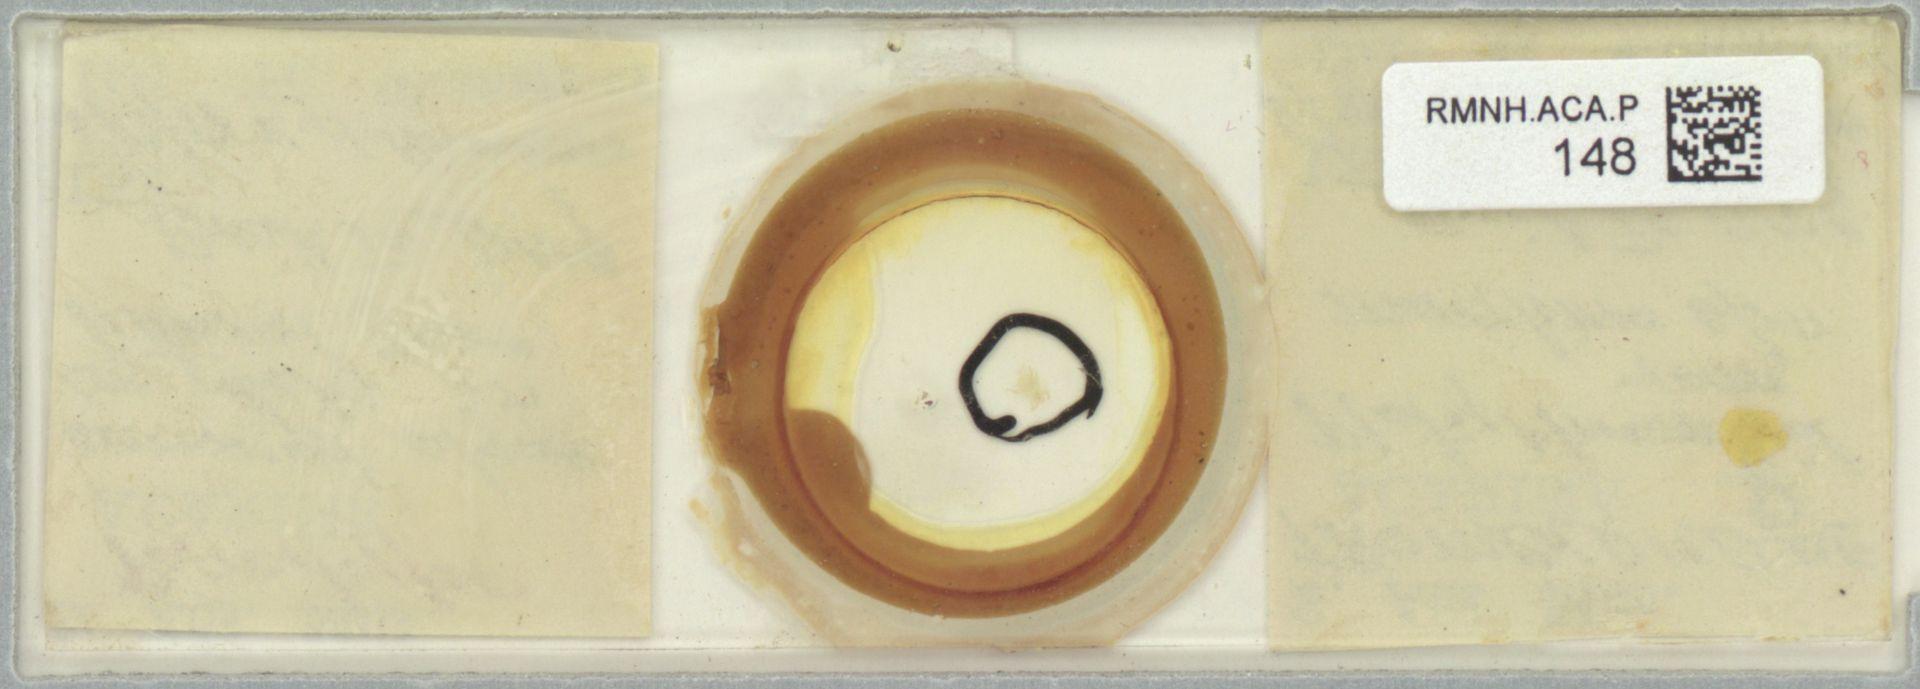 RMNH.ACA.P.148 | Platytrombidium maritimum Womersley